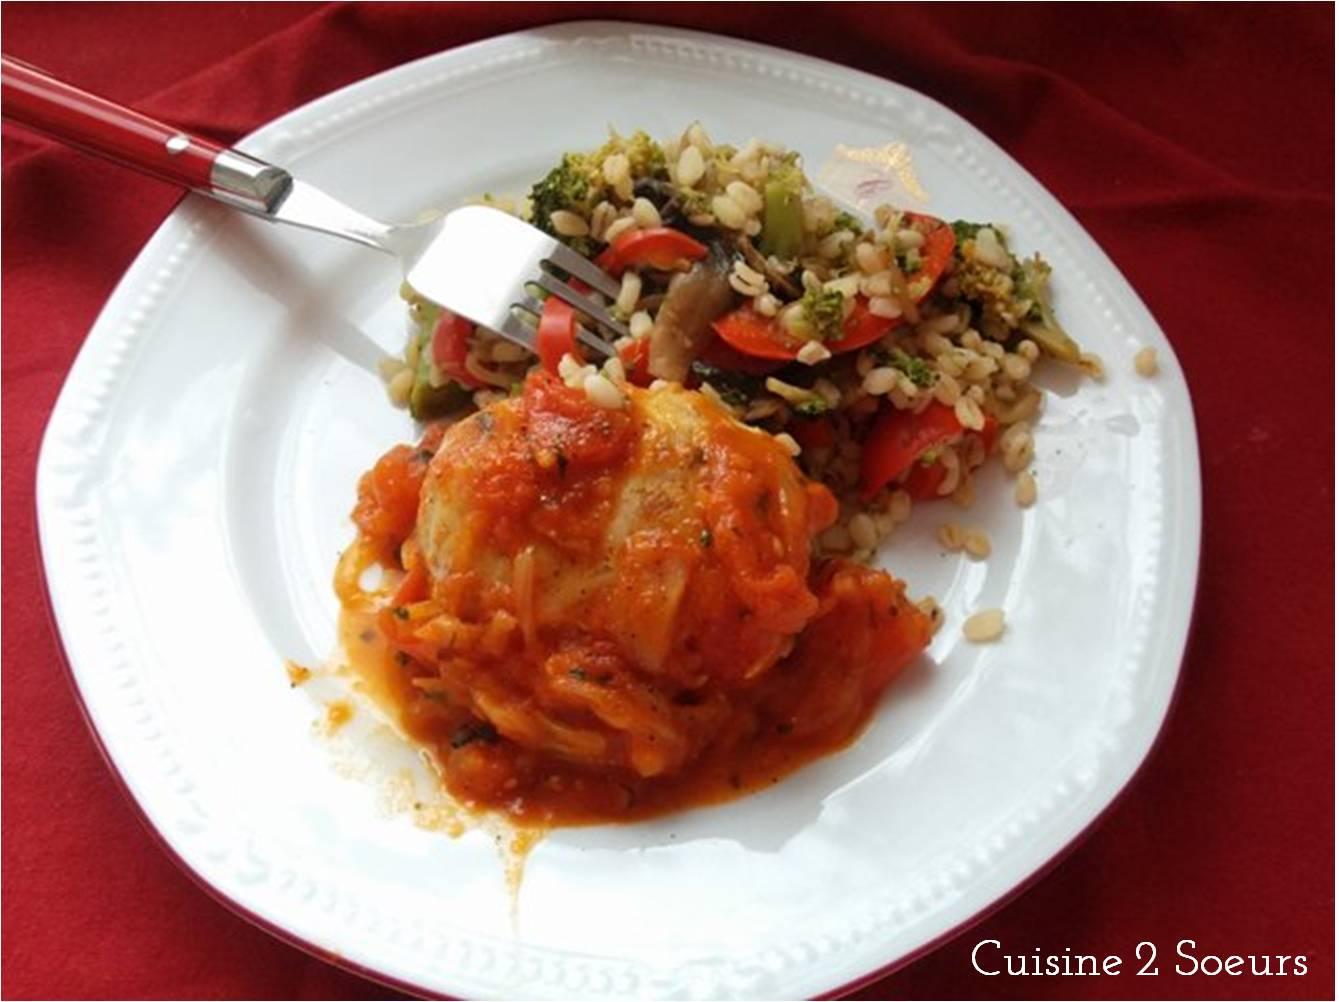 Cuisine 2 soeurs paupiette de veau la sauce tomate - Cuisine paupiette de veau ...